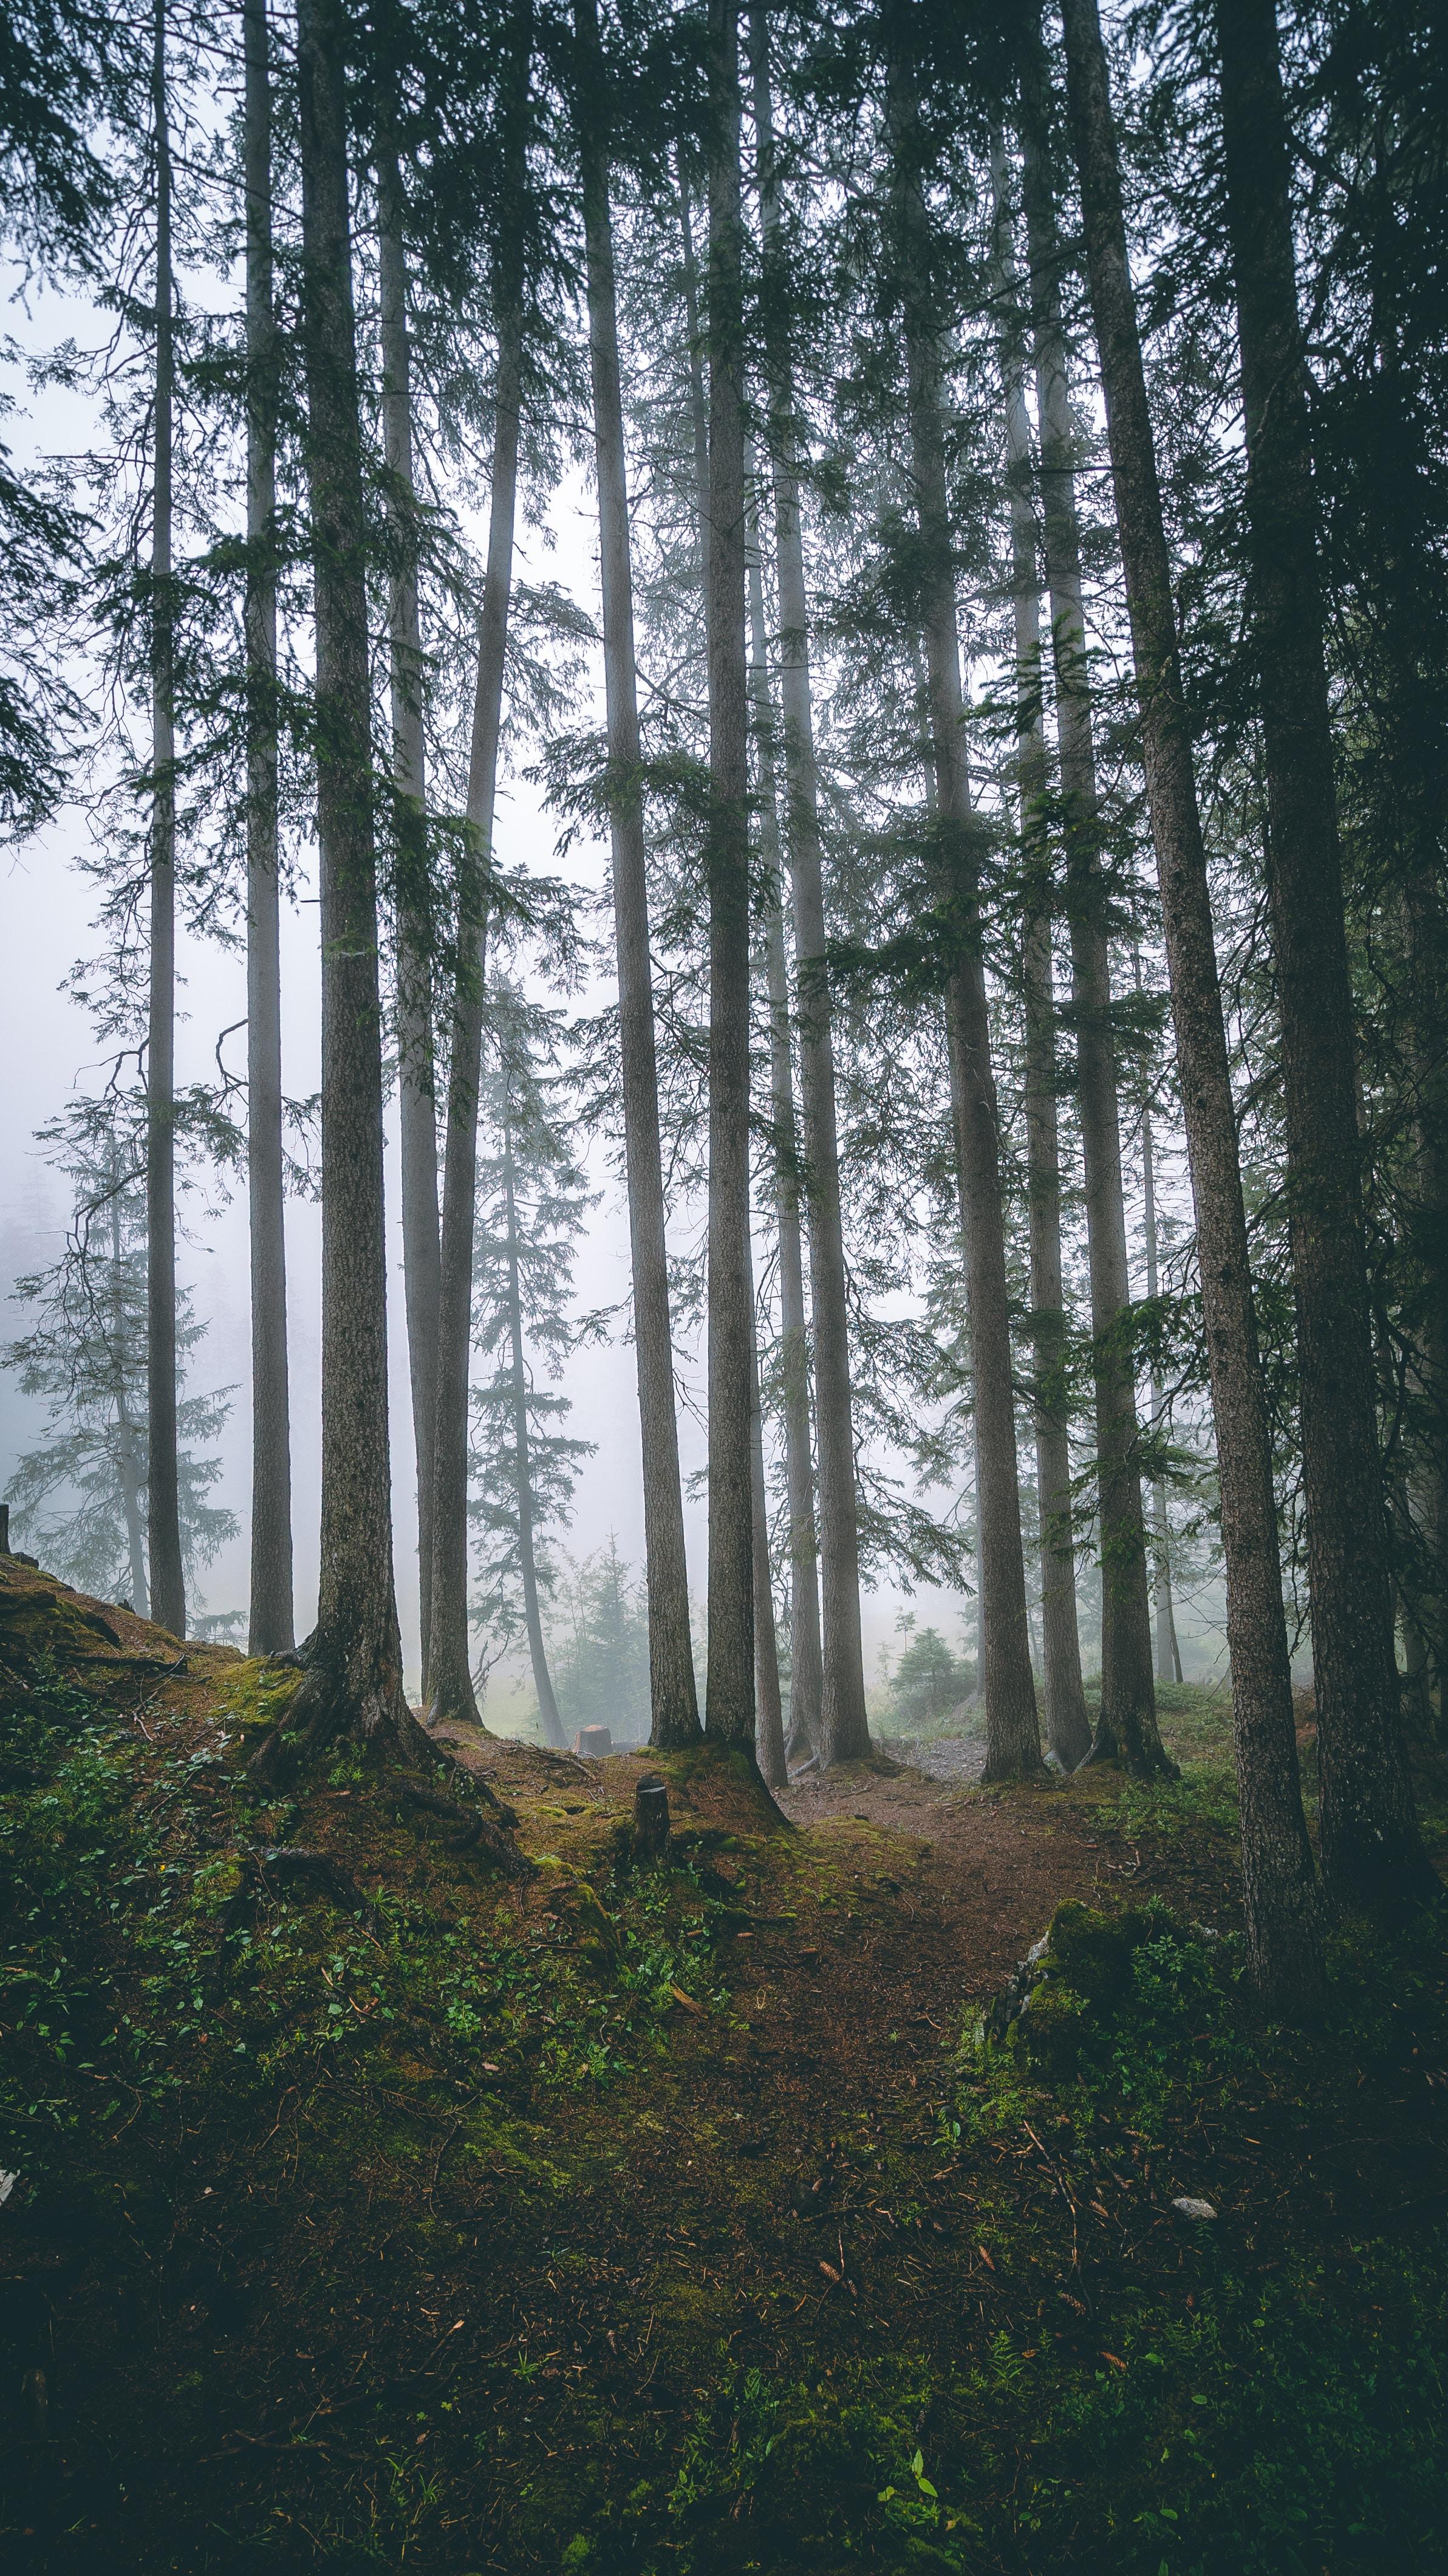 75713 скачать обои Природа, Лес, Деревья, Туман, Стволы, Хвойный, Сосны - заставки и картинки бесплатно